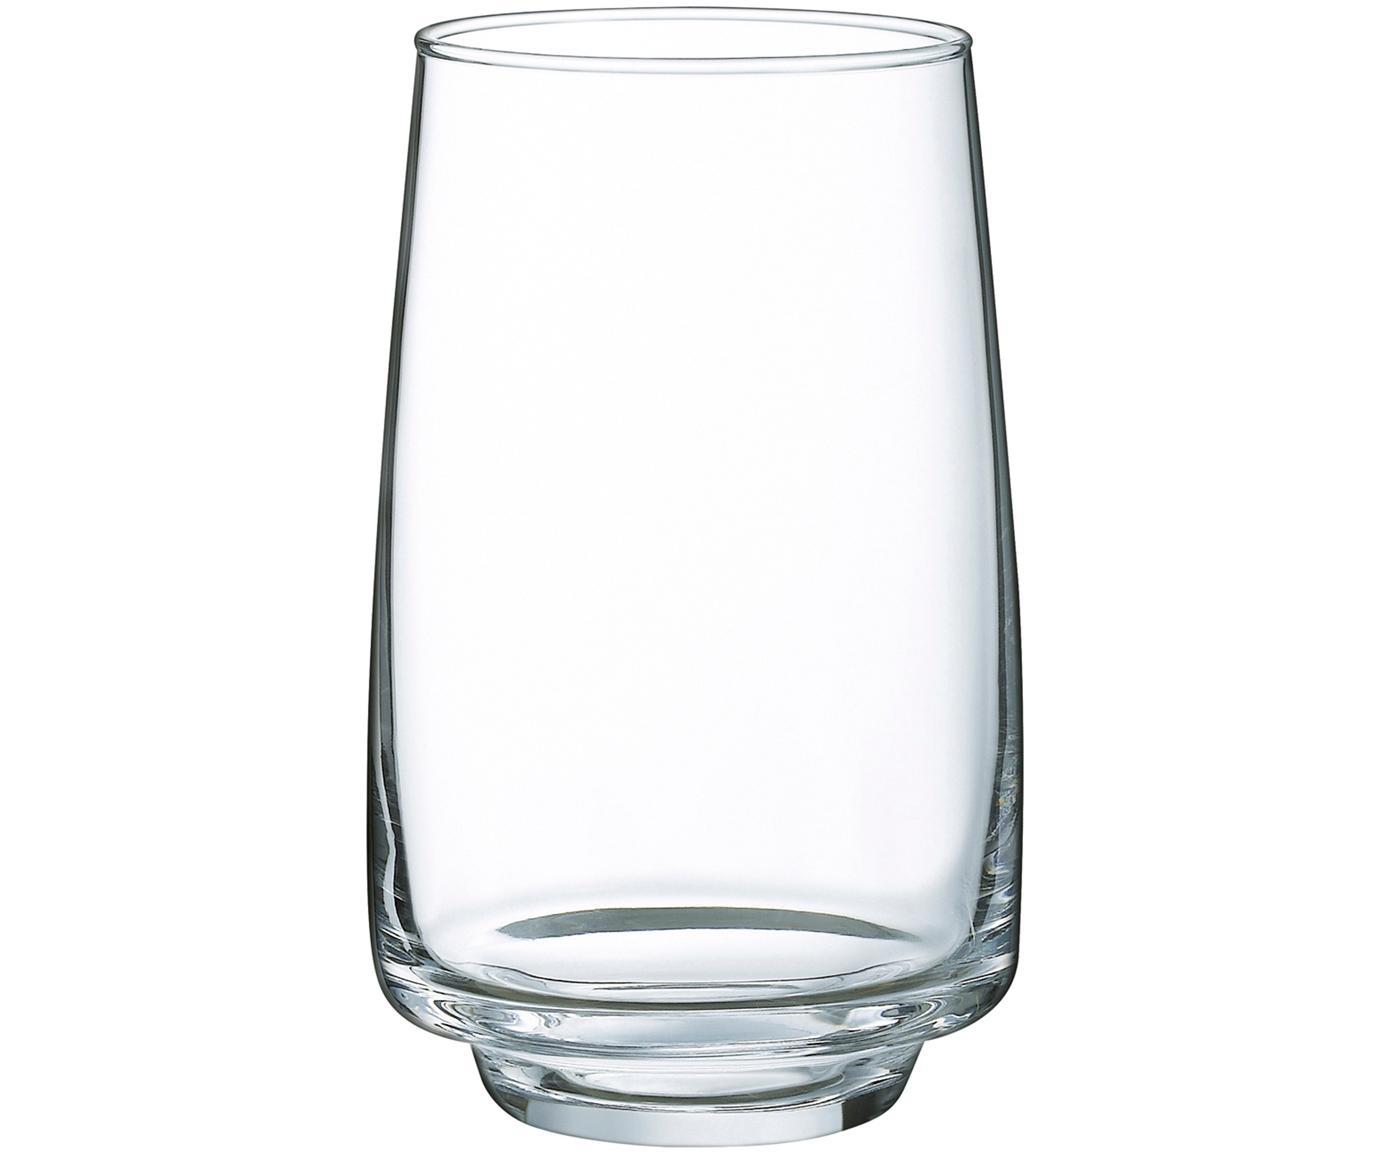 Vaso Forma, 6uds., vidrio de sílice, Transparente, Ø 8 x Al 12 cm